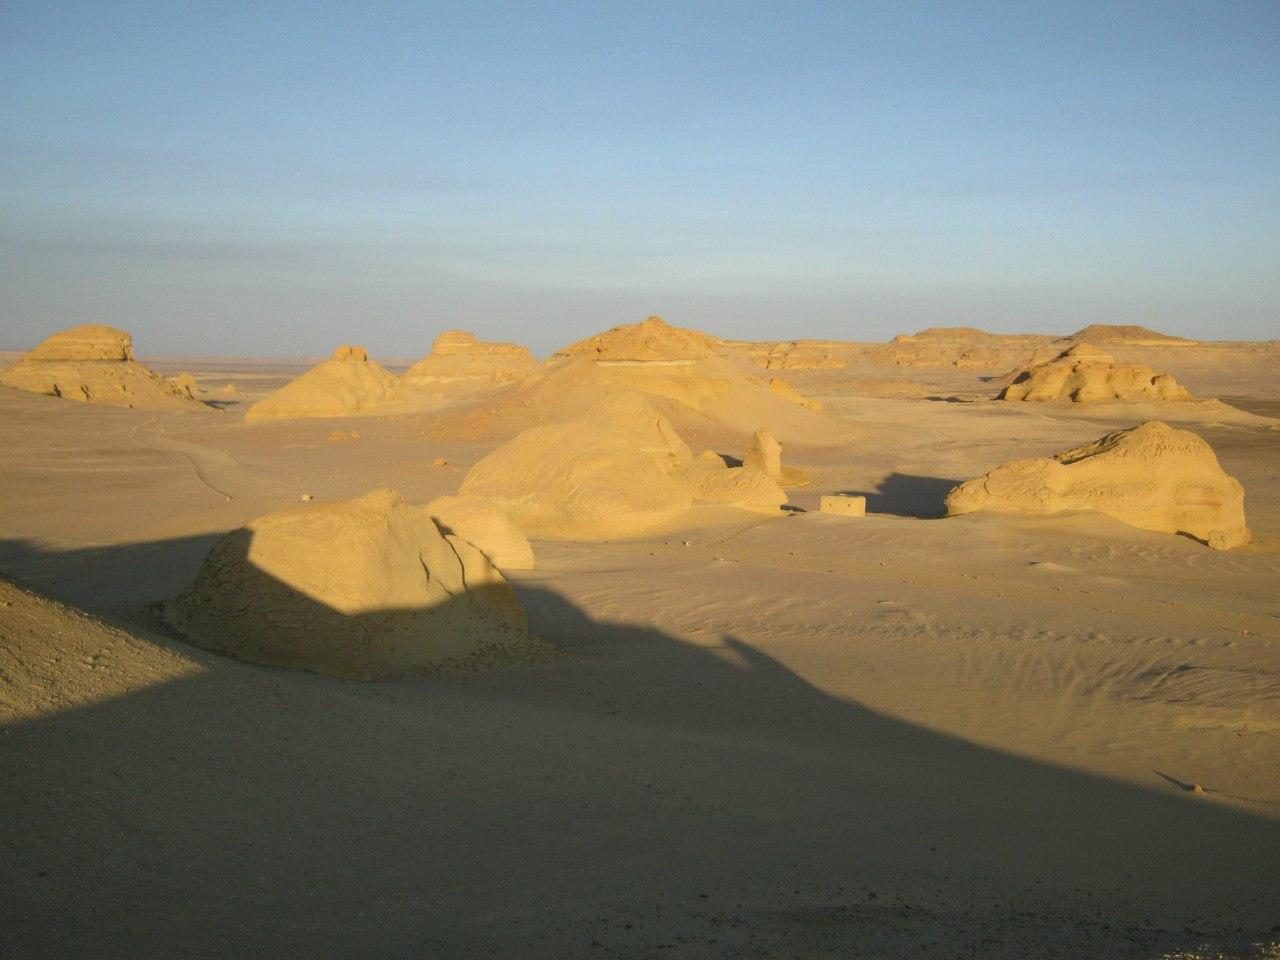 пустынная картина типична для Египта